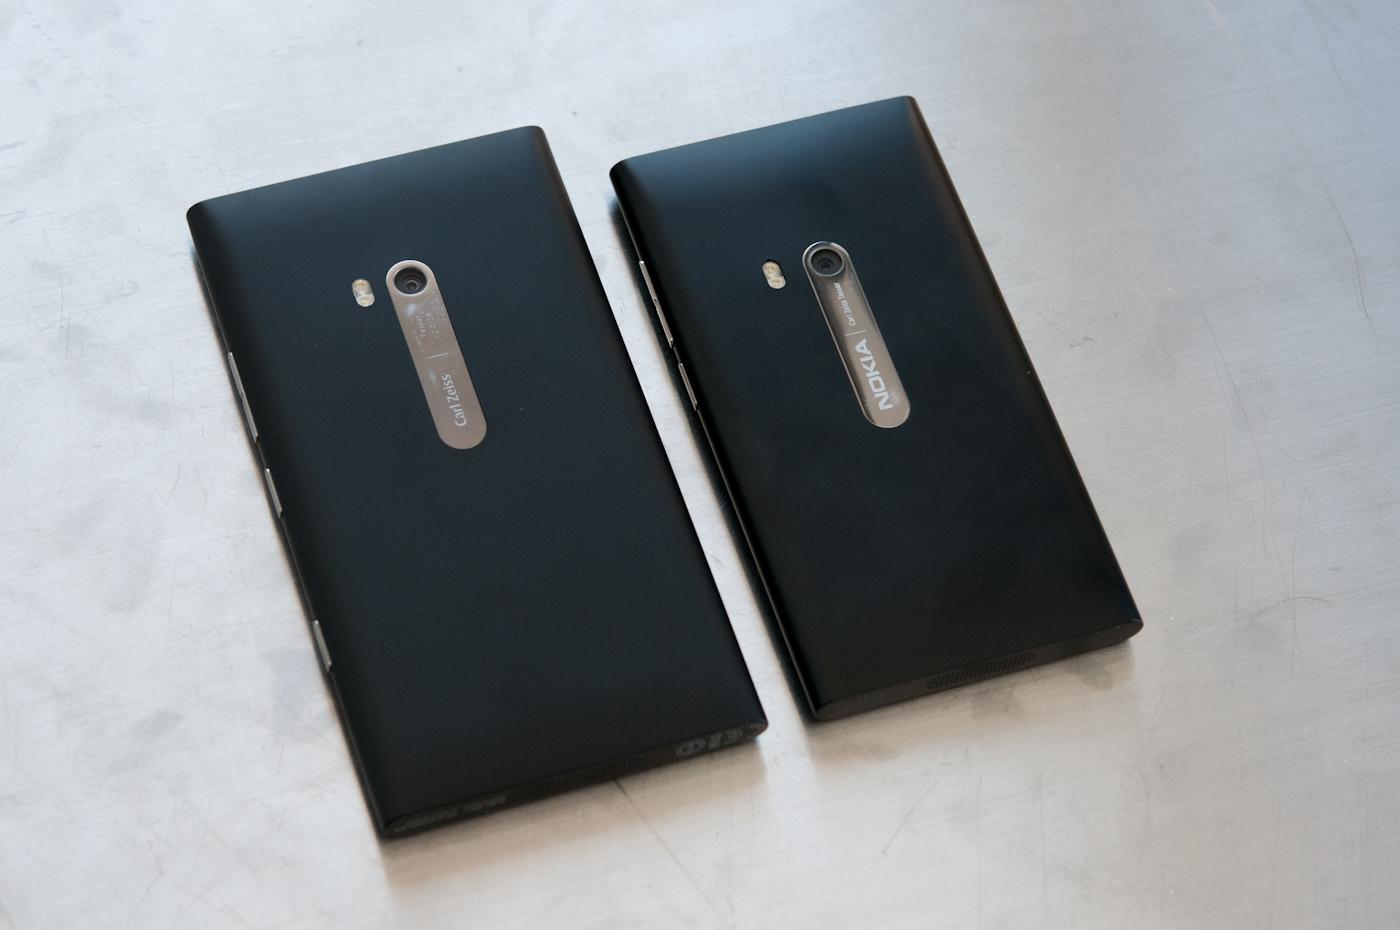 ��� ����� ����� 900 - 2014 Nokia Lumia 900 LTE �� ��������� ������